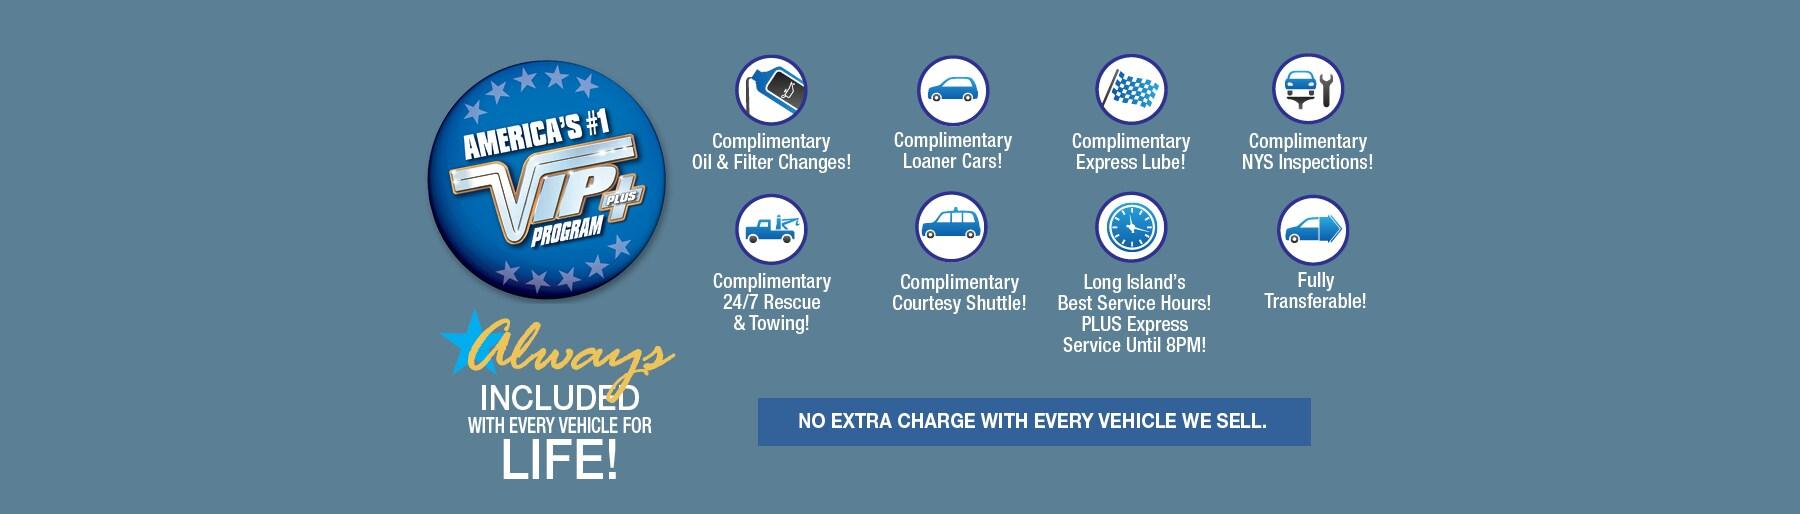 Certified Used 2016 Subaru Crosstrek For Sale Long Island   VIN: